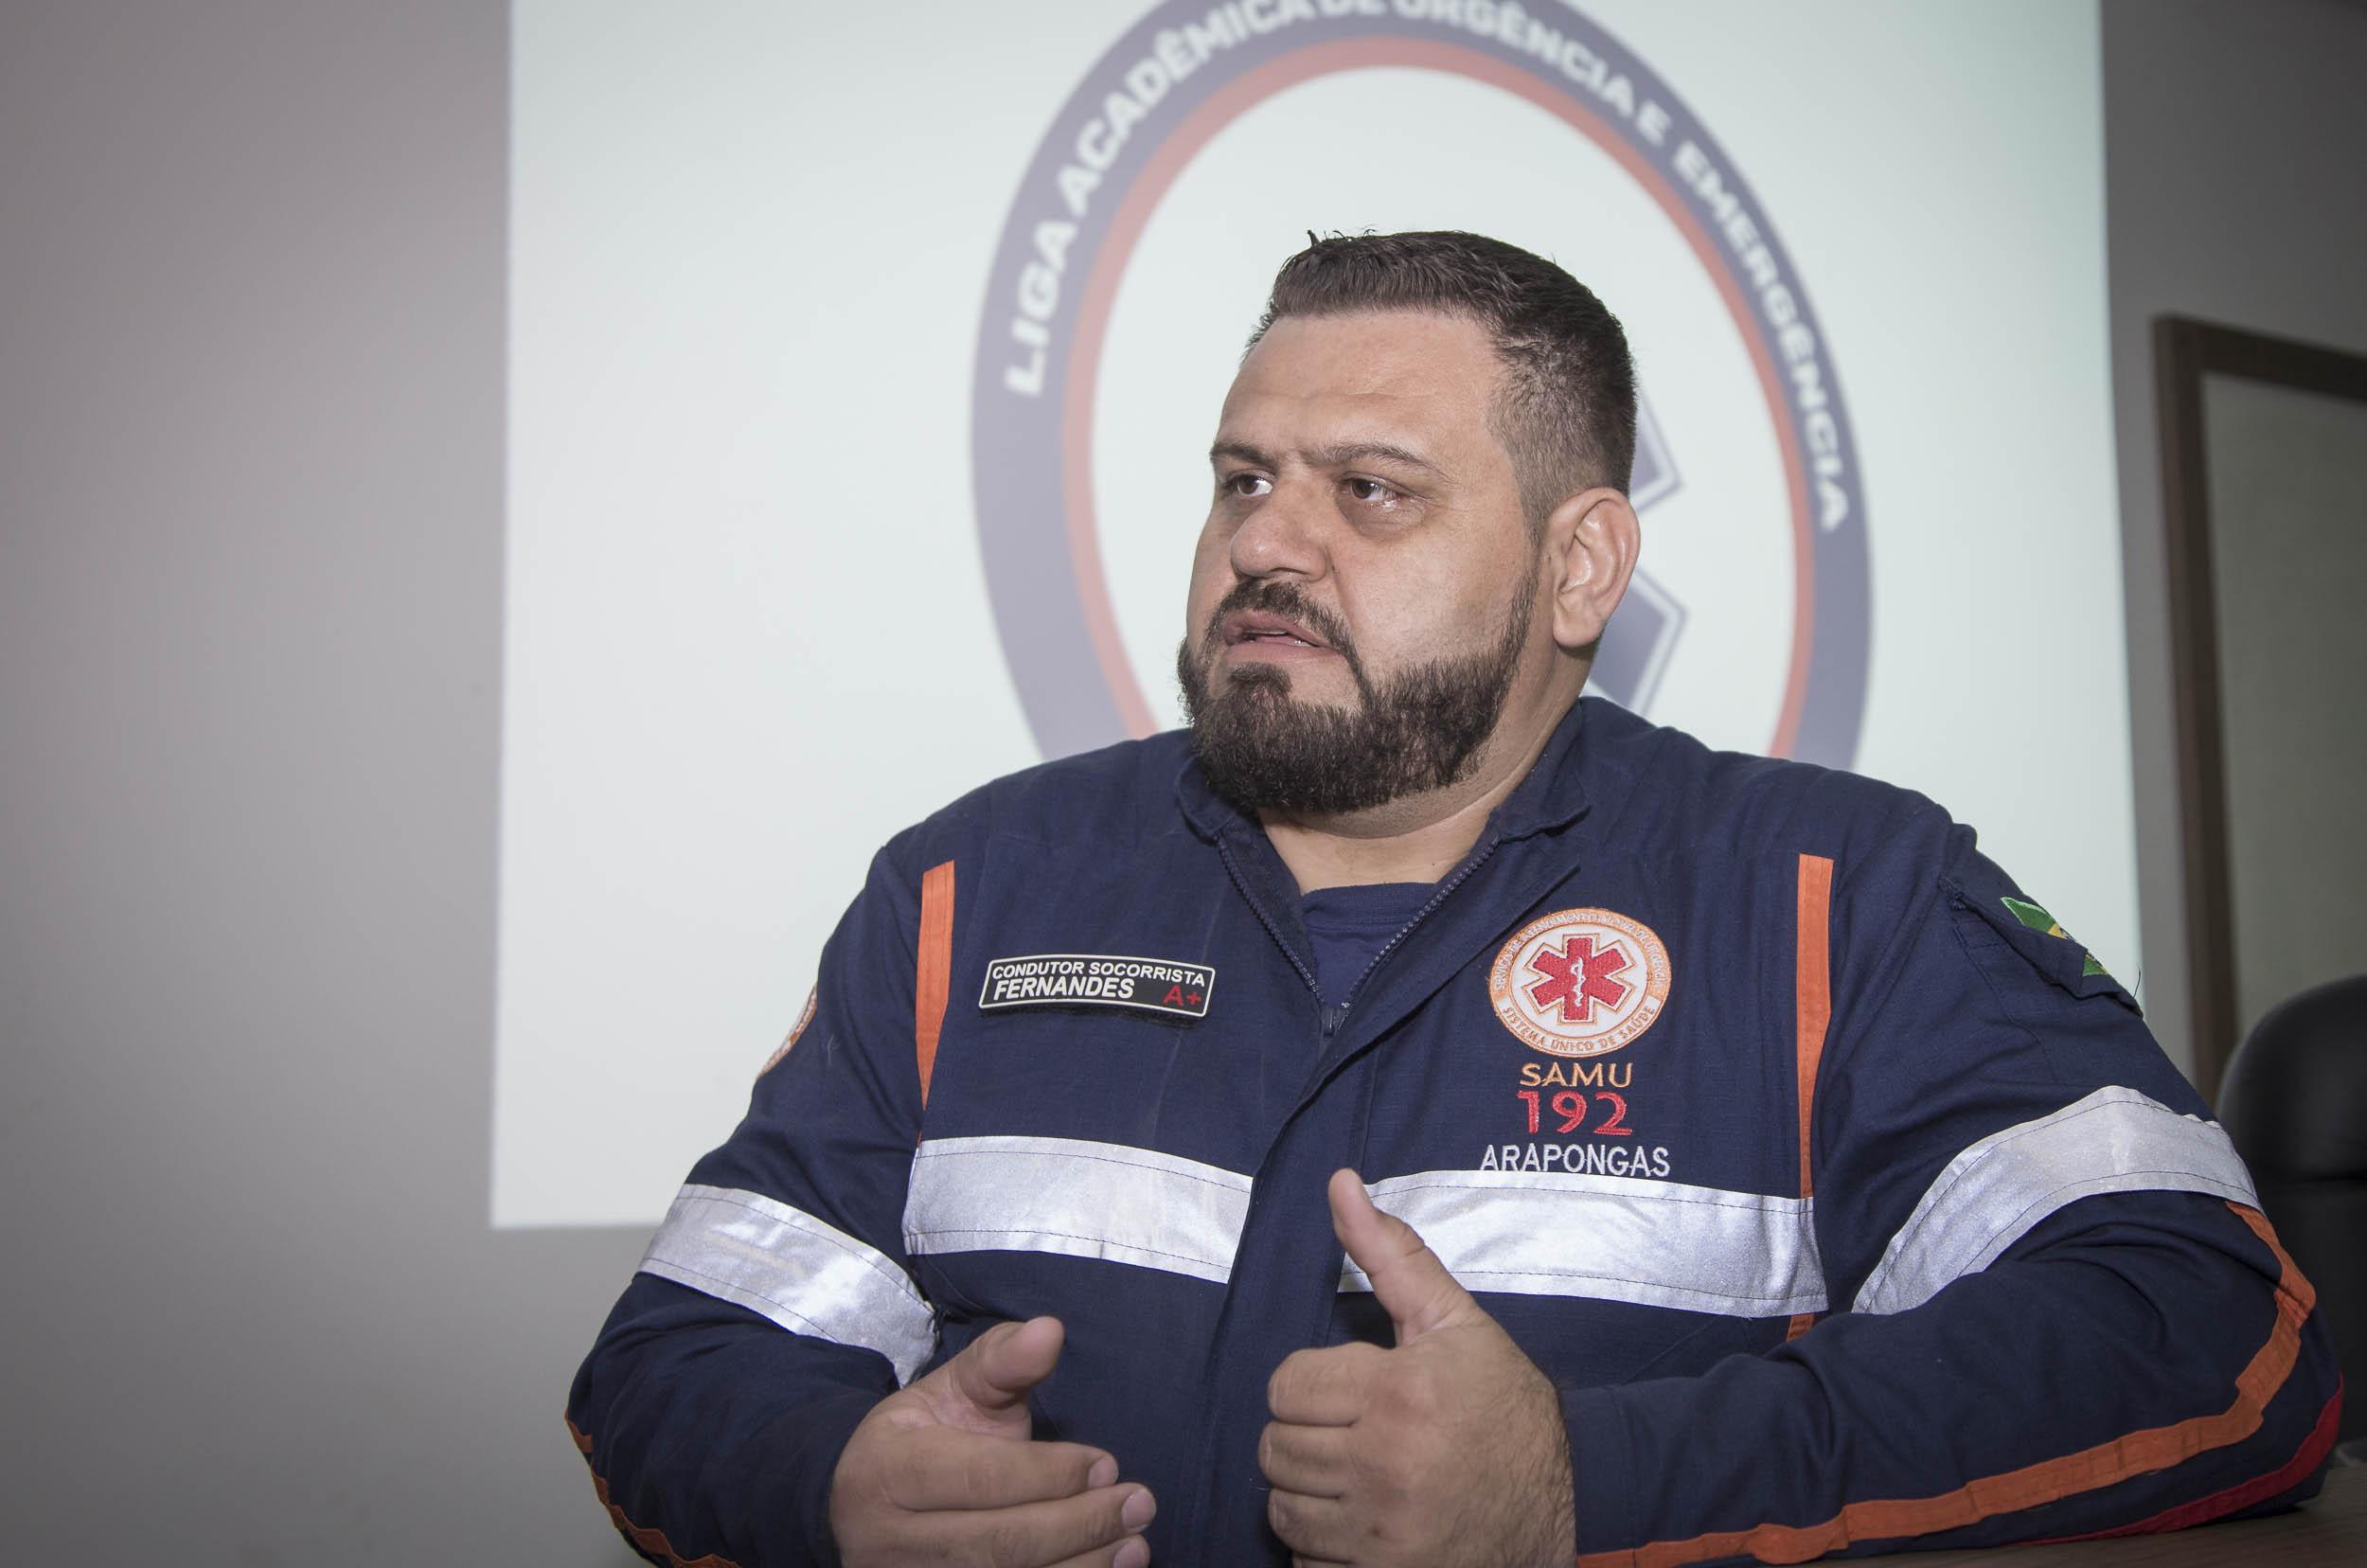 Socorrista de Brumadinho conta sua experiência na tragédia